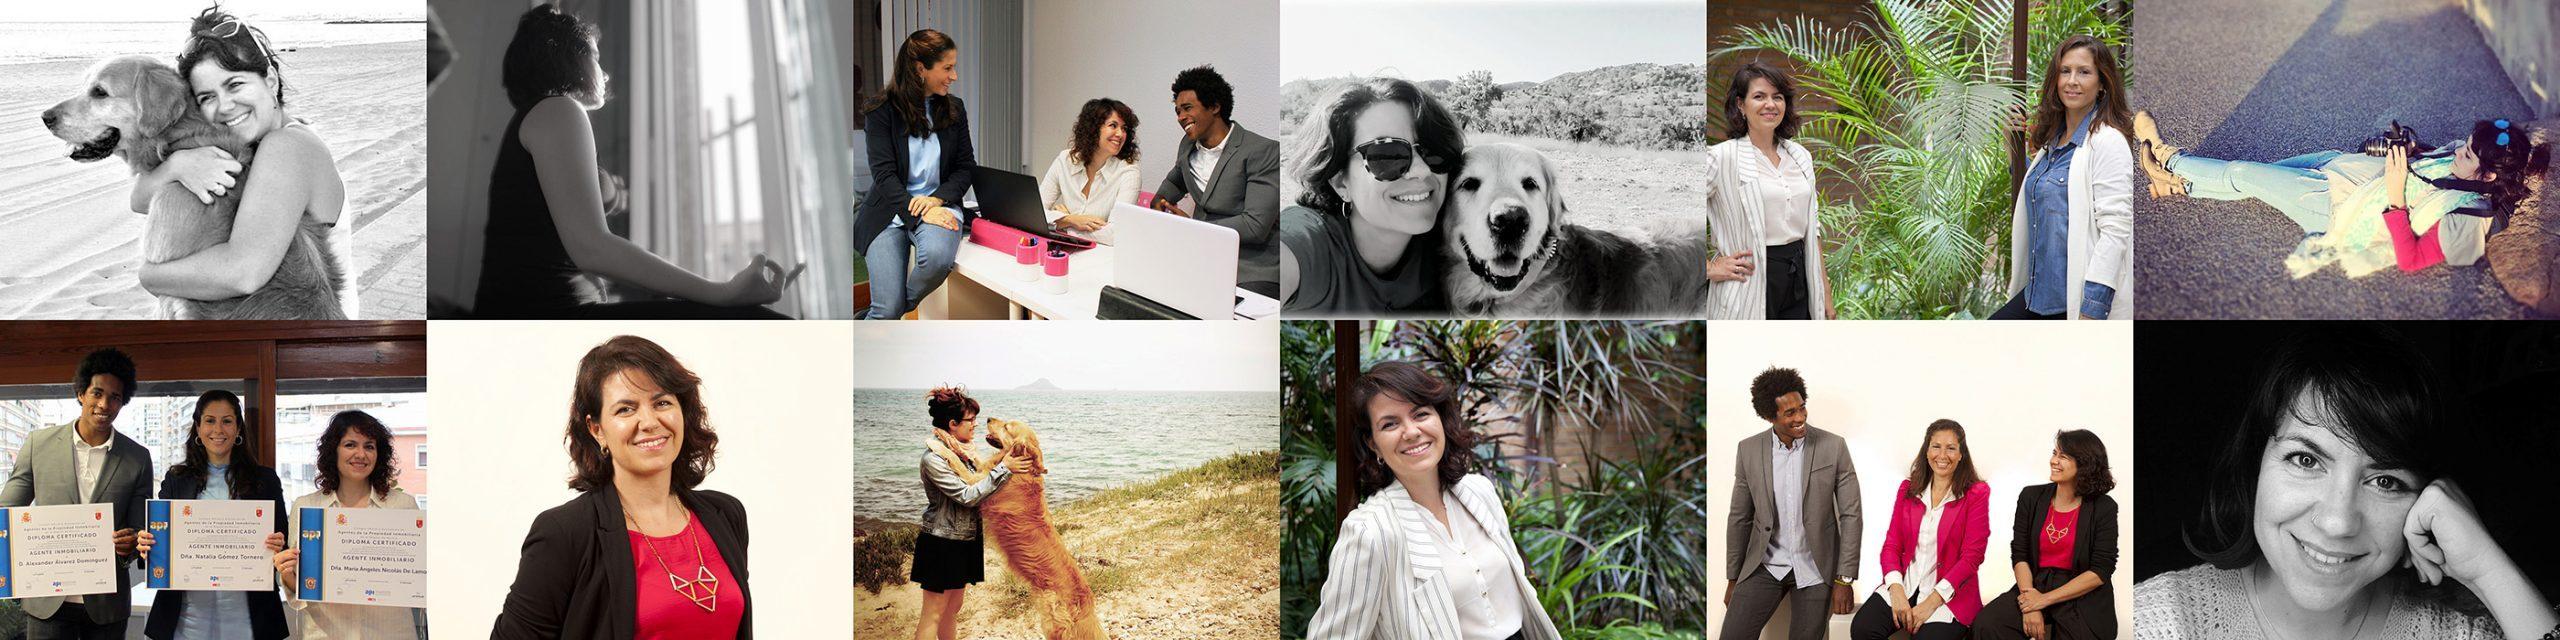 collage_mariam